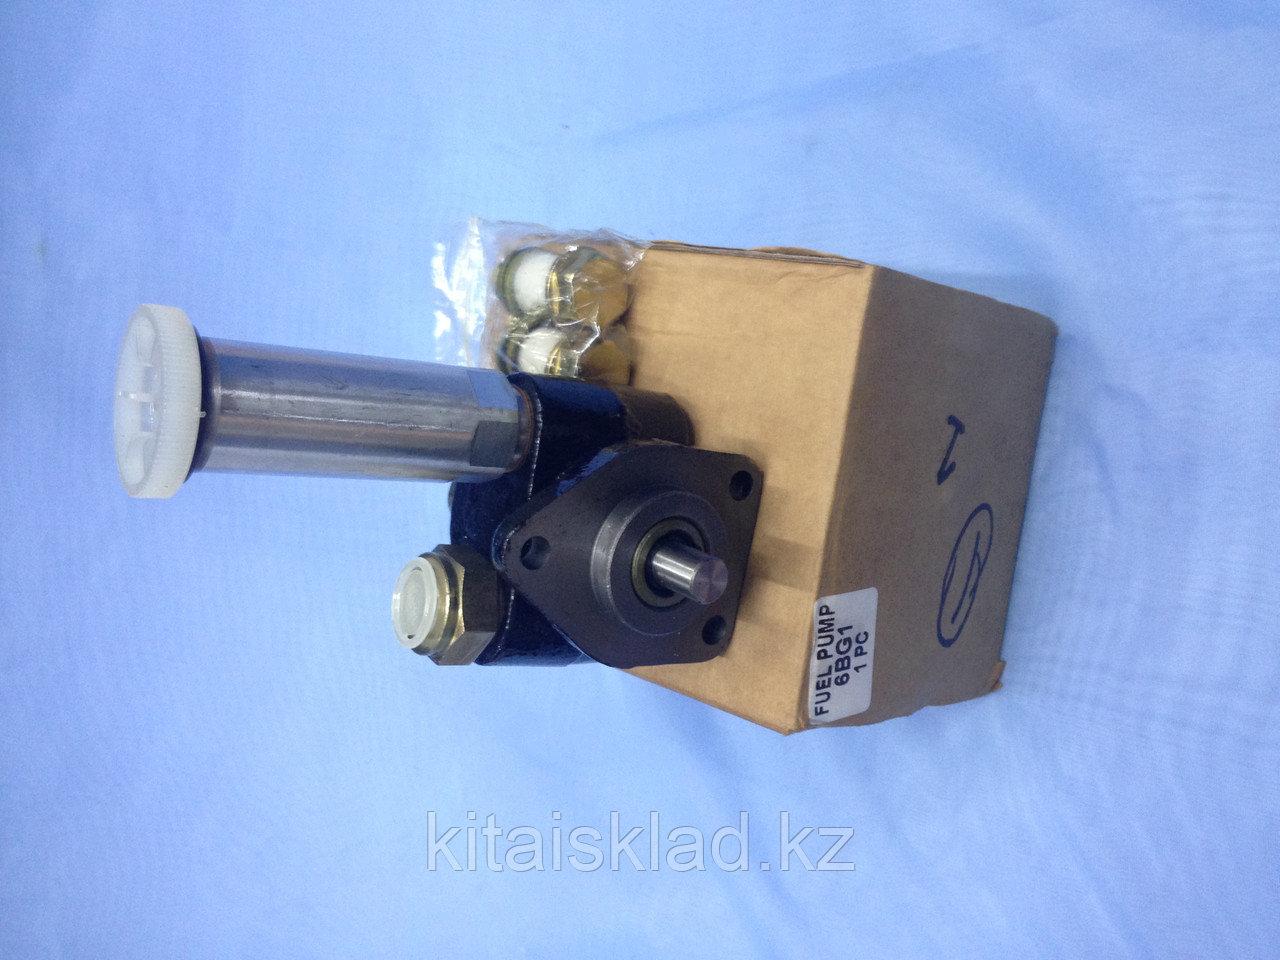 Подкачка ТНВД 6BG1, ручная подкачка топлива 6BG1, топливный насос низкого давления ТННД 6BG1